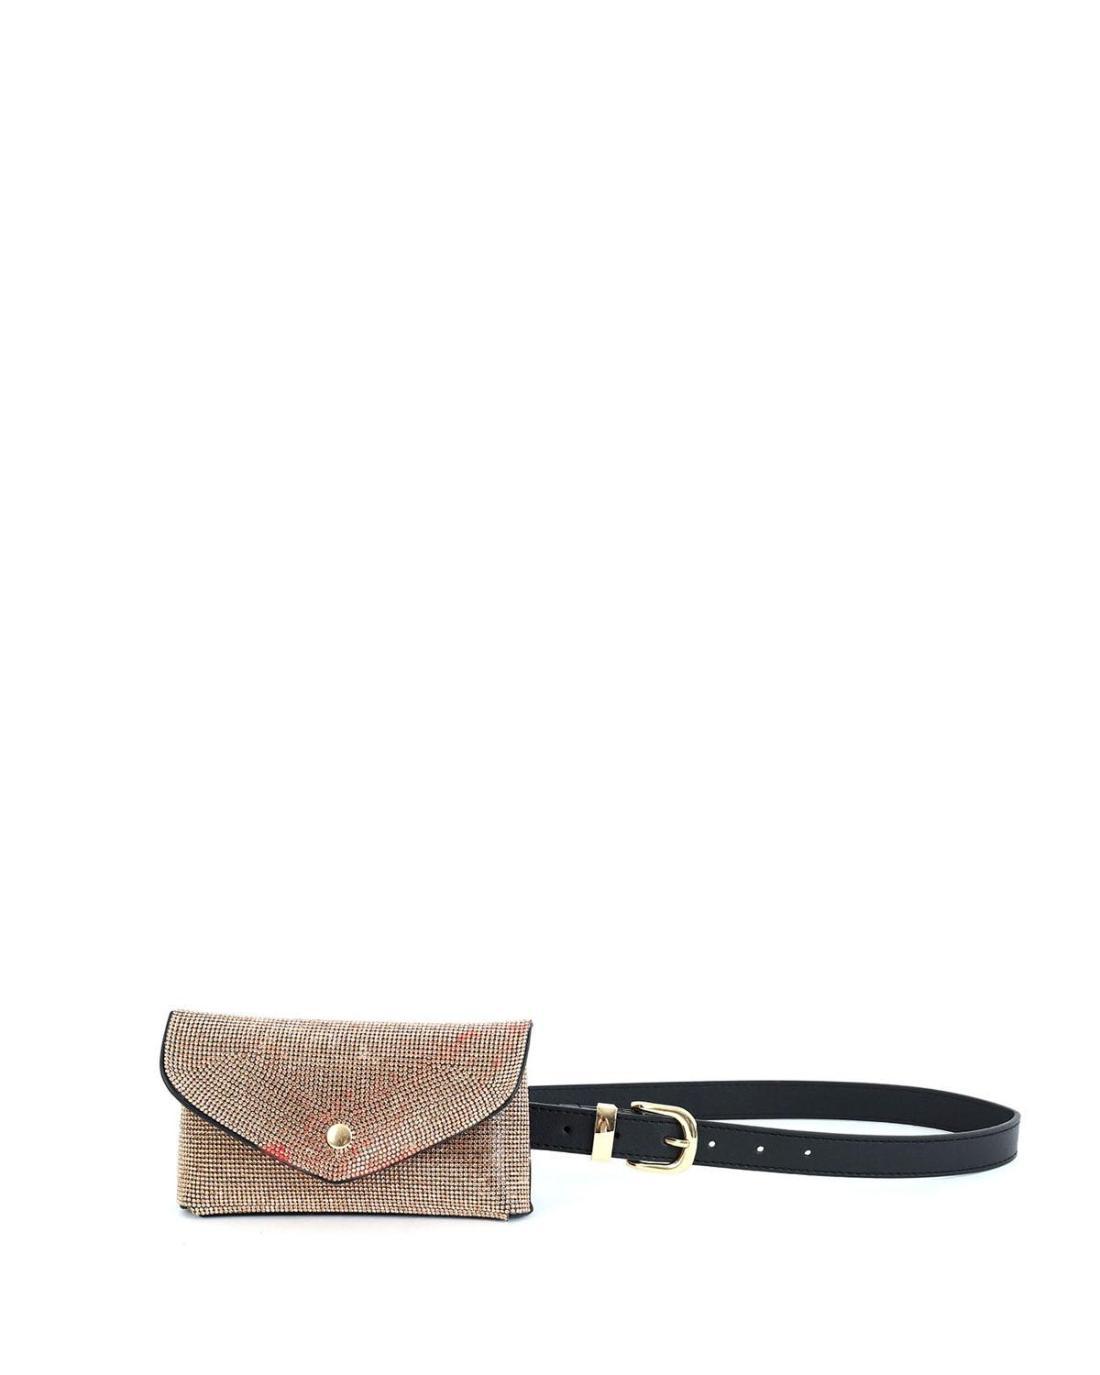 Gold belt bag